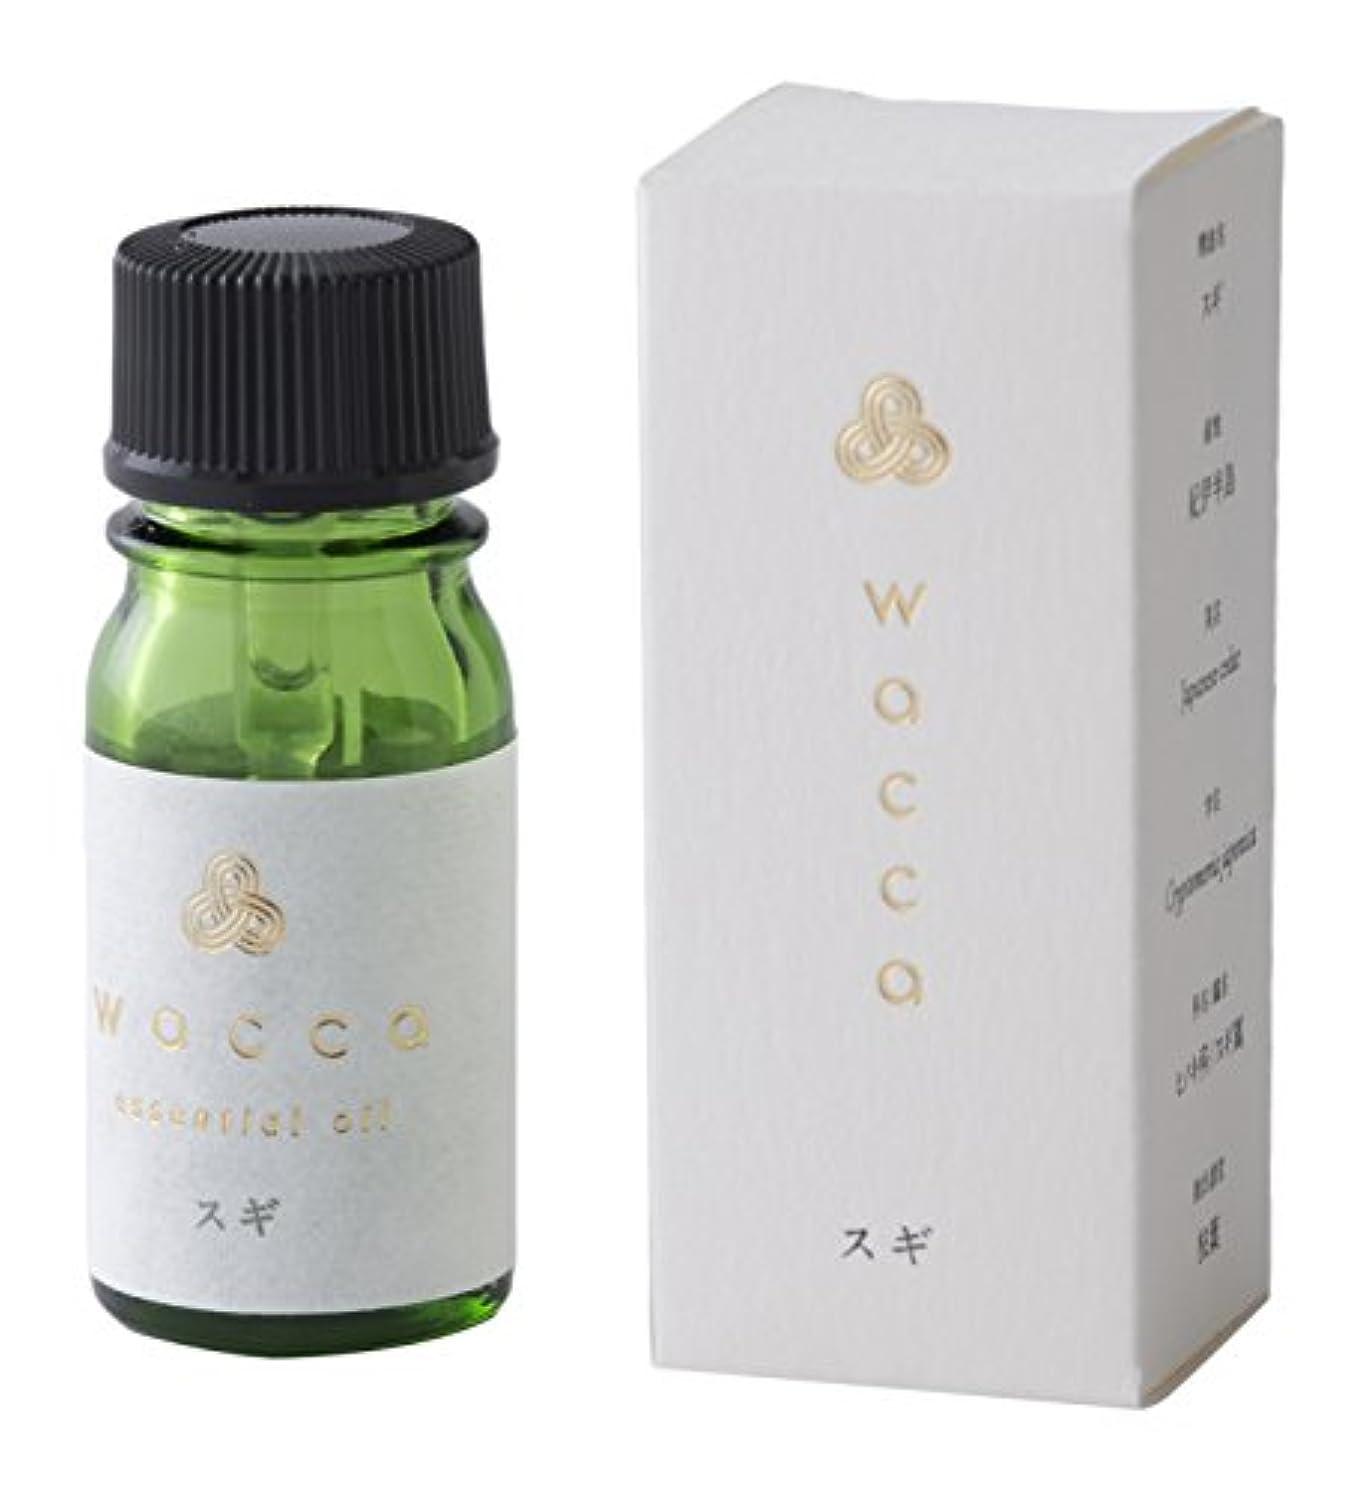 持参おっと骨折wacca ワッカ エッセンシャルオイル 5ml 杉 スギ Japanese cedar essential oil 和精油 KUSU HANDMADE